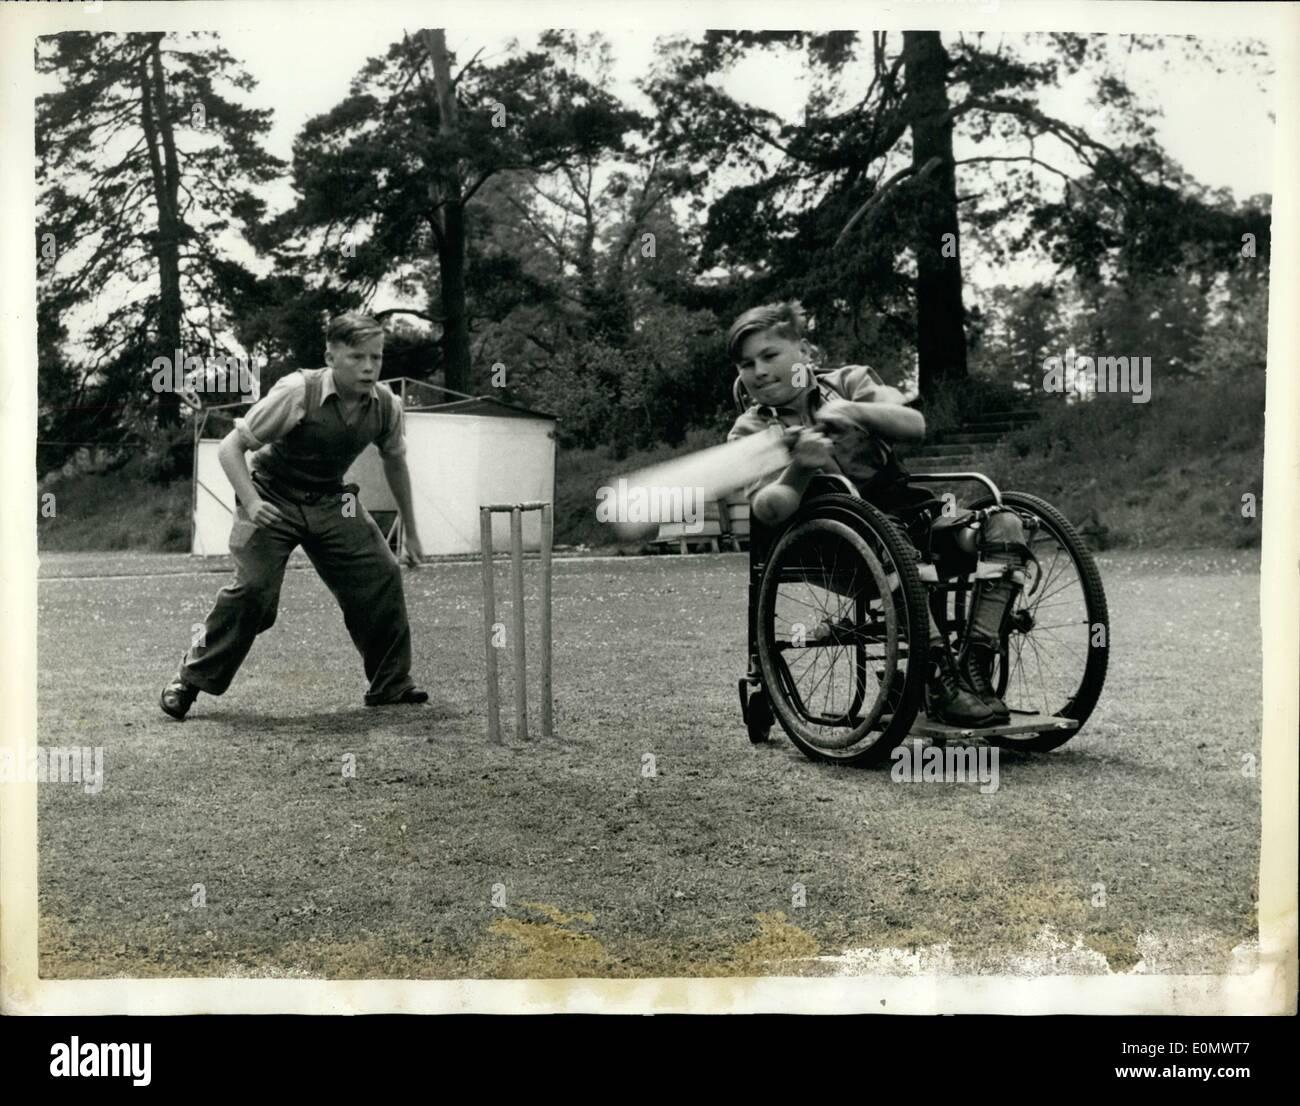 7. Juli 1956 - Cricket - vom Rollstuhl und Krücken: Nachmittags feine ring die Rasen des Hinwick Hall, Betten, mit jungenhaften Stimmen Cricket spielen. Das Klicken des Leders auf Weide, der Schrei des '' ist wie das '' sind typisch für die Schreie hörte auf Hunderten von Schule-Spielplätze und Freizeitanlagen. Aber ein genauerer Blick zeigt einen Unterschied Stockbild